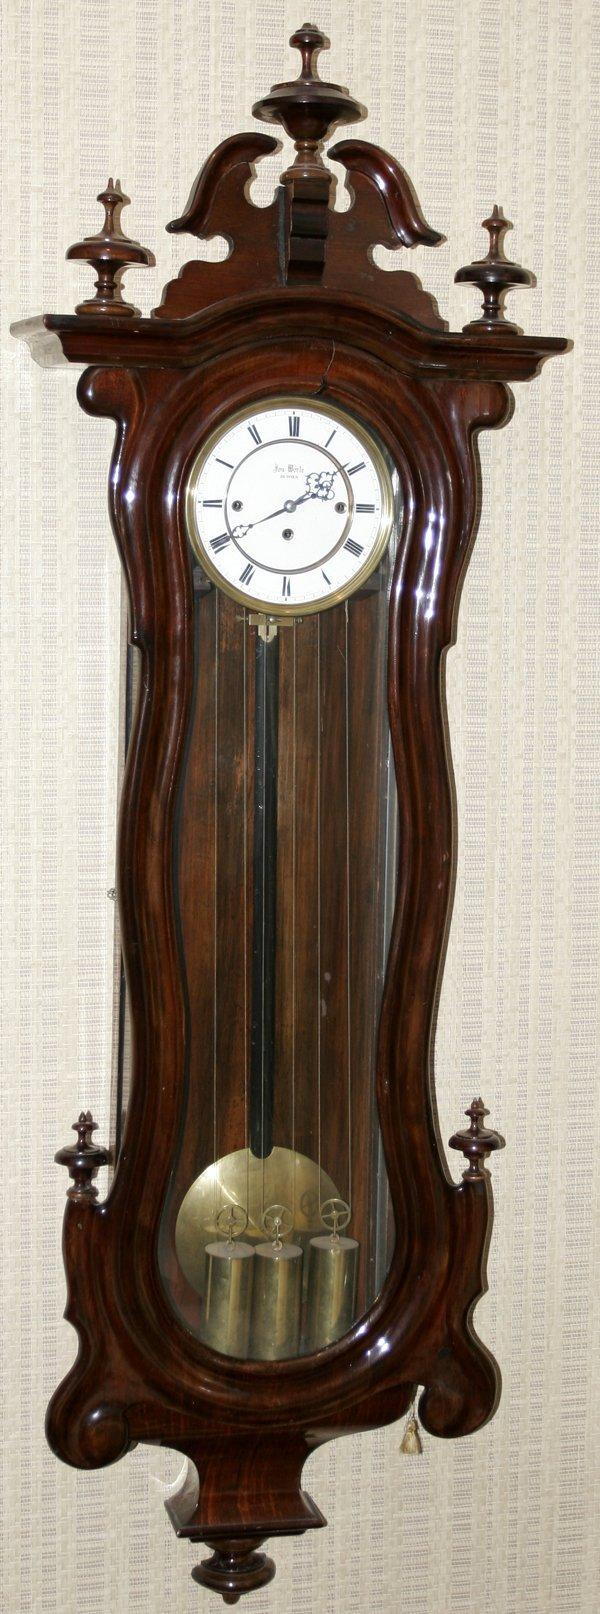 101008: VON WORLE VIENNESE WALNUT REGULATOR CLOCK